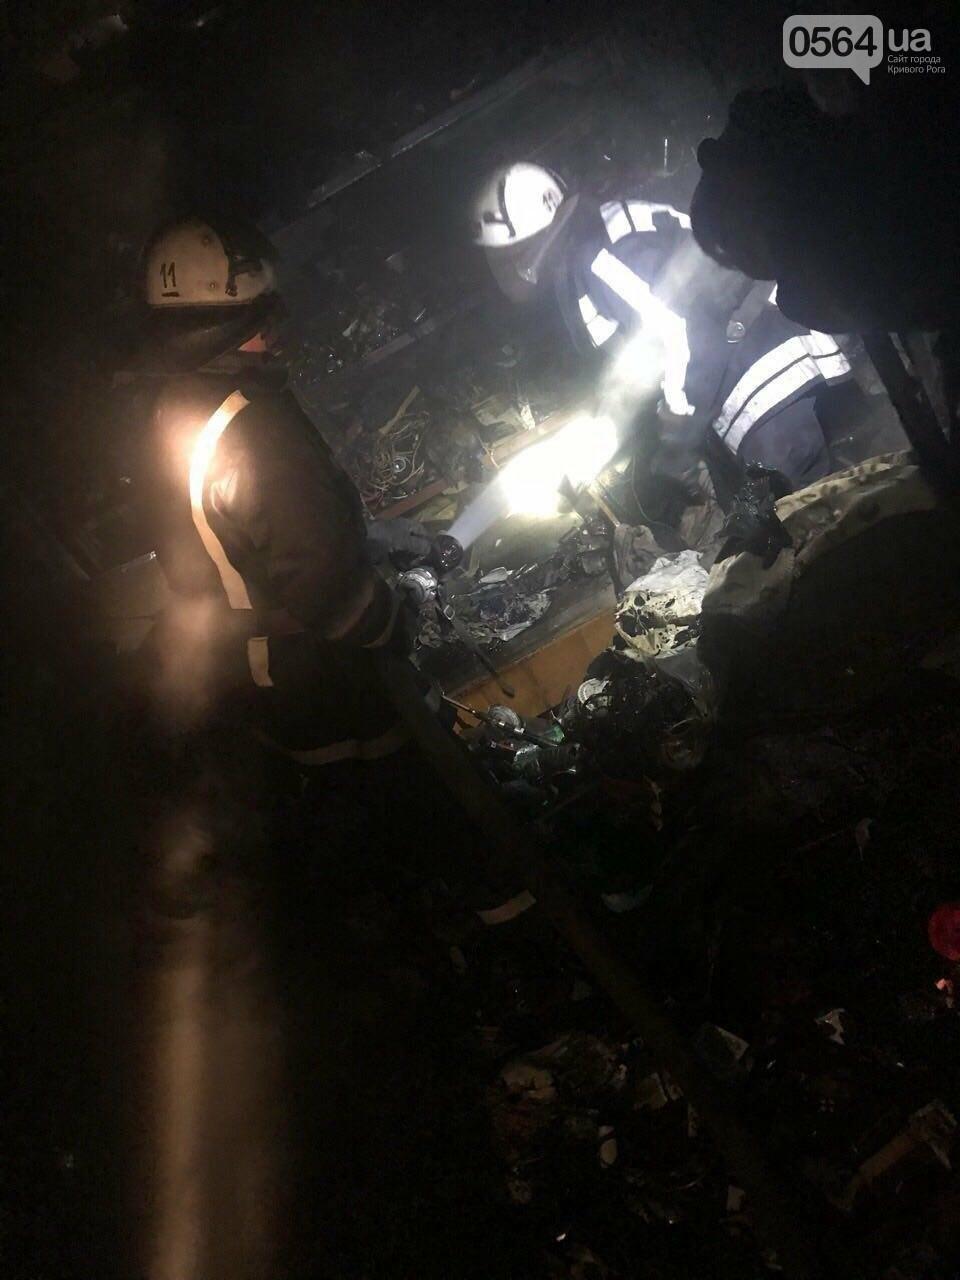 В Кривом Роге сгорел скутер, хранившийся в сарае (ФОТО), фото-1